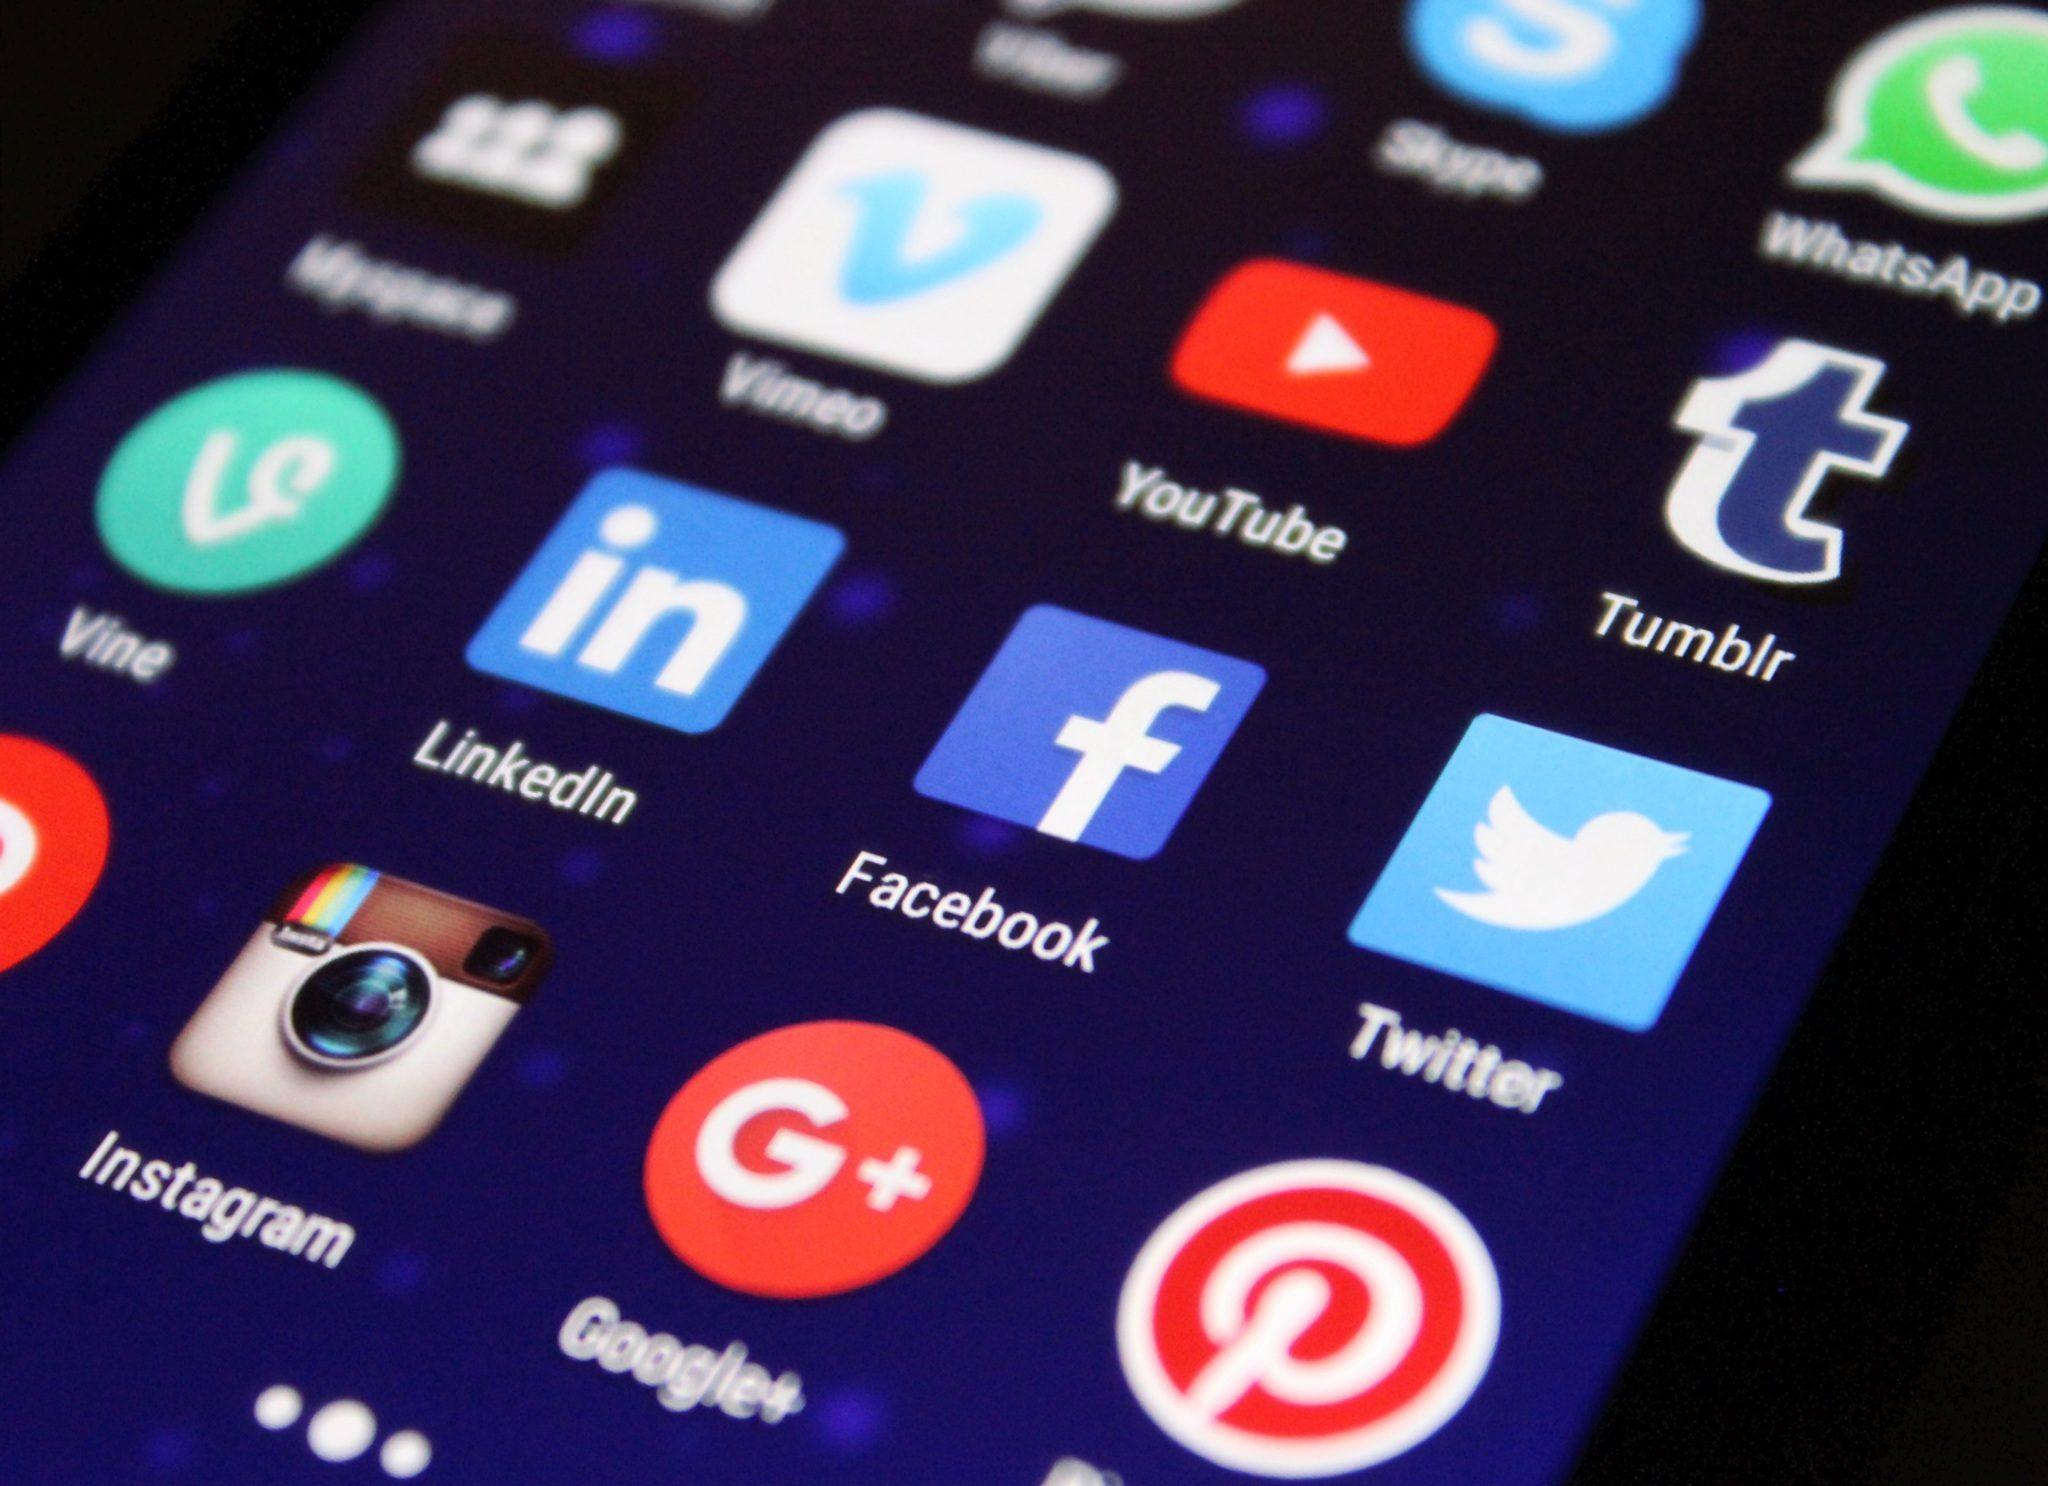 Analítica en redes sociales: Mide y vencerás